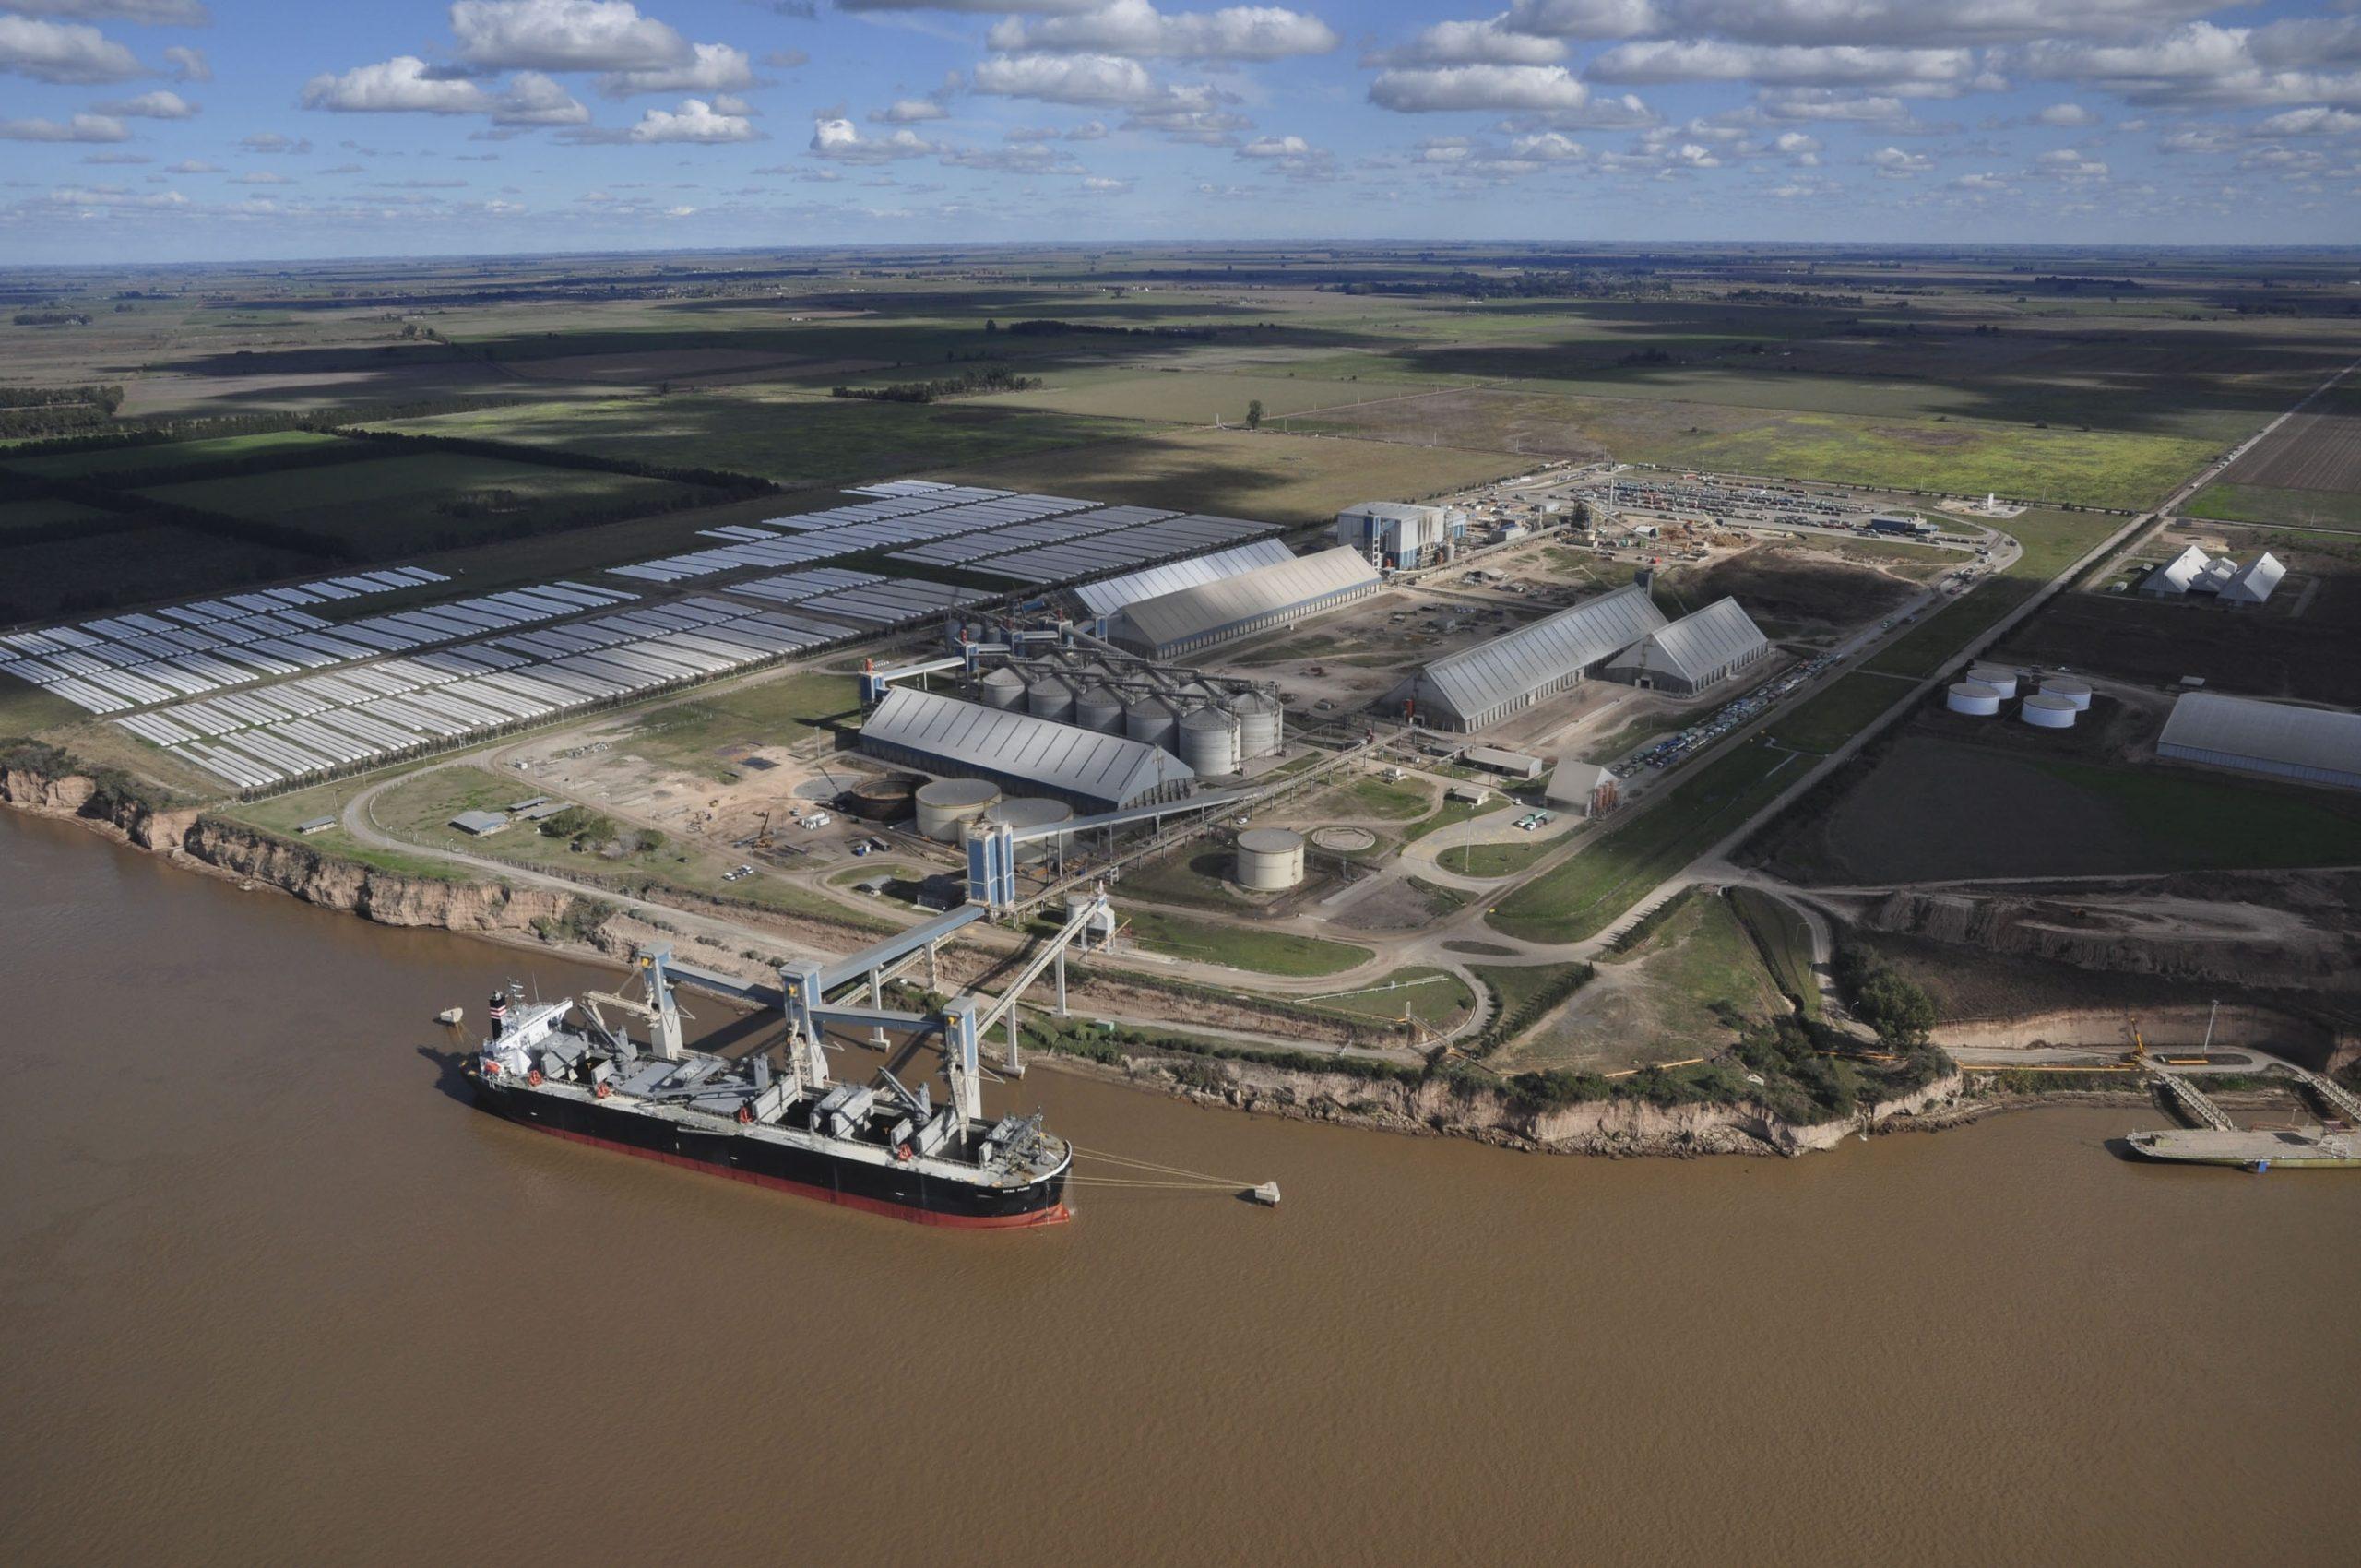 Comunicado: En plena cosecha de trigo y cebada la Argentina no puede darse el lujo de tener los puertos cerrados.